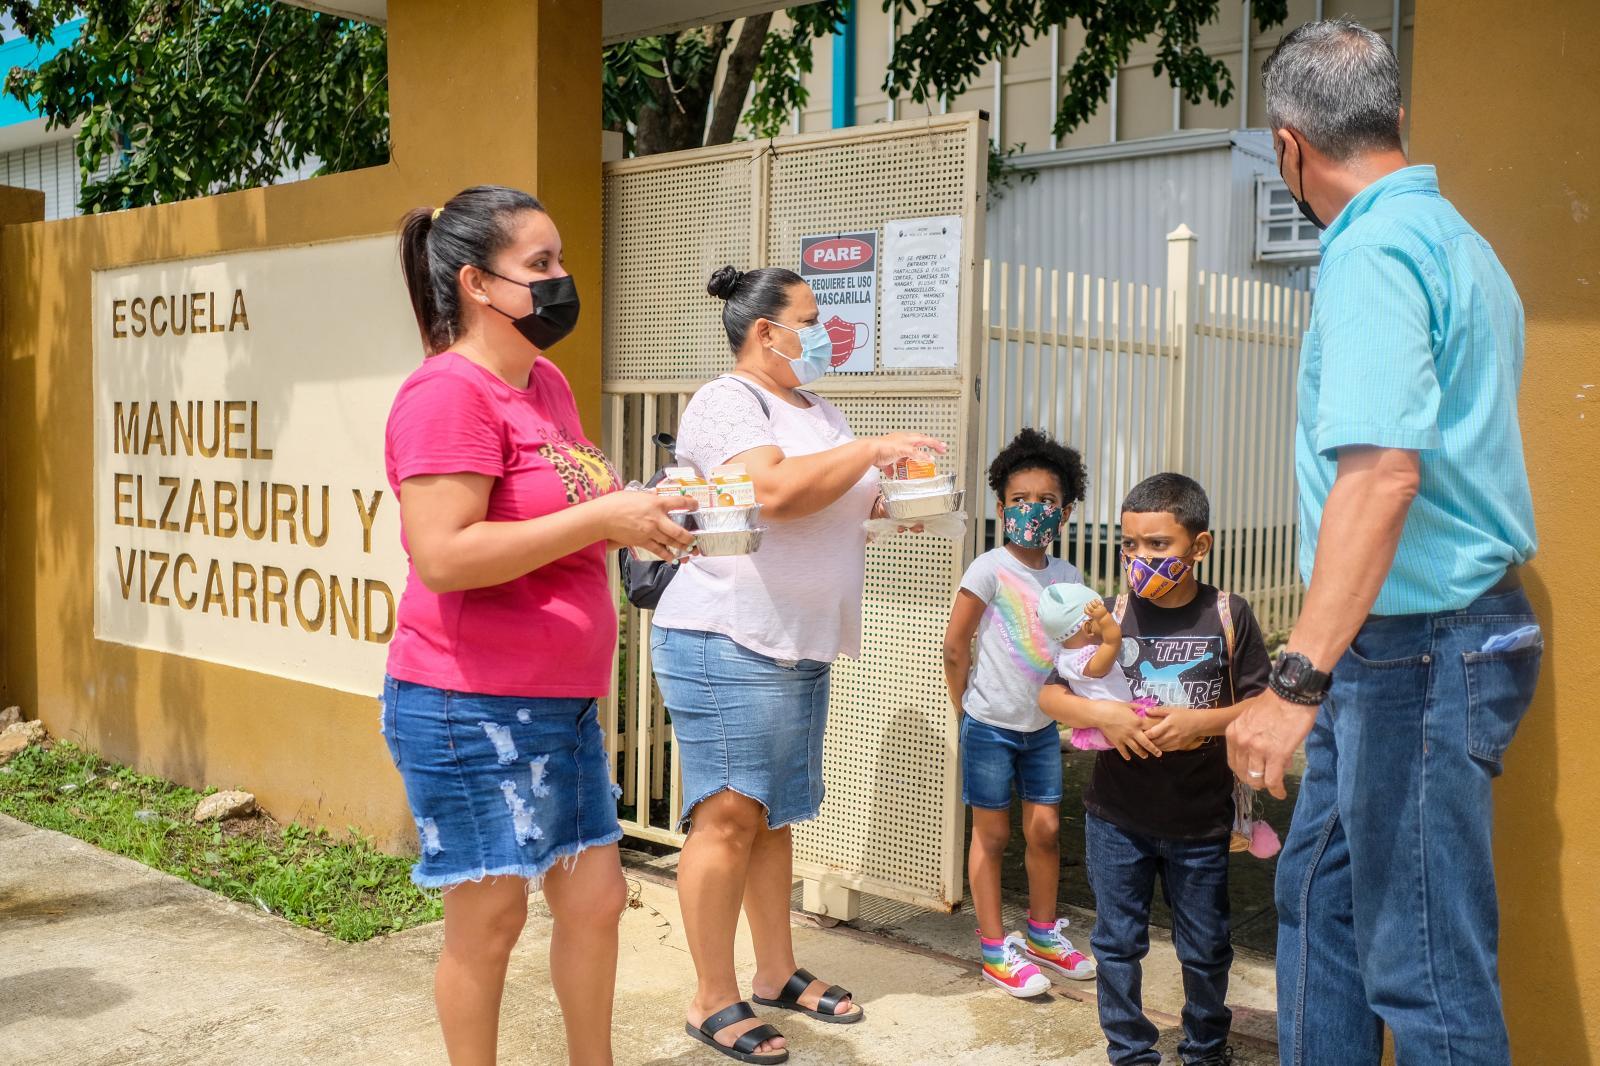 16 de octubre de 2020. San Juan, Puerto Rico. José de Jesús, director hace entrega de almuerzos a la familias de la escuela Manuel Elzaburu y Vizcarrondo en Cantera.